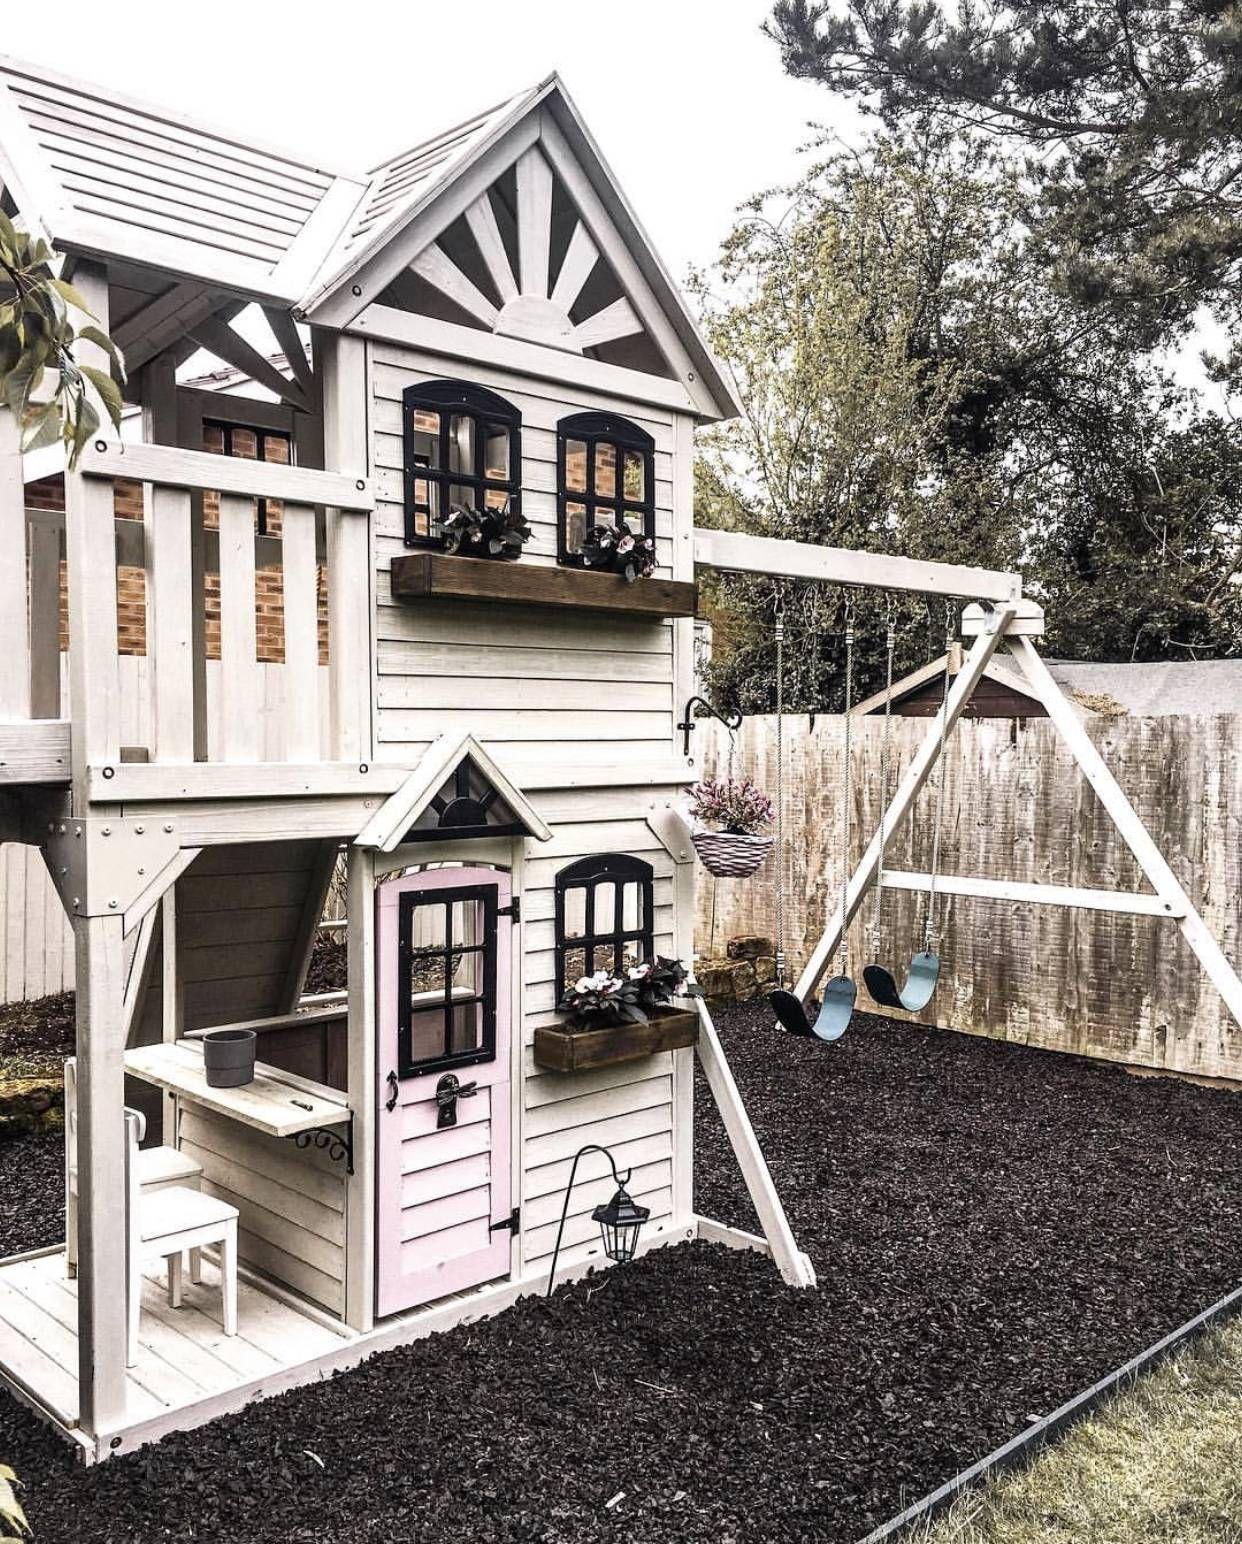 Top 10 Kids Outdoor Playhouses From Instagram Kinder Spielhaus Garten Spielhaus Im Freien Hinterhof Spielplatz